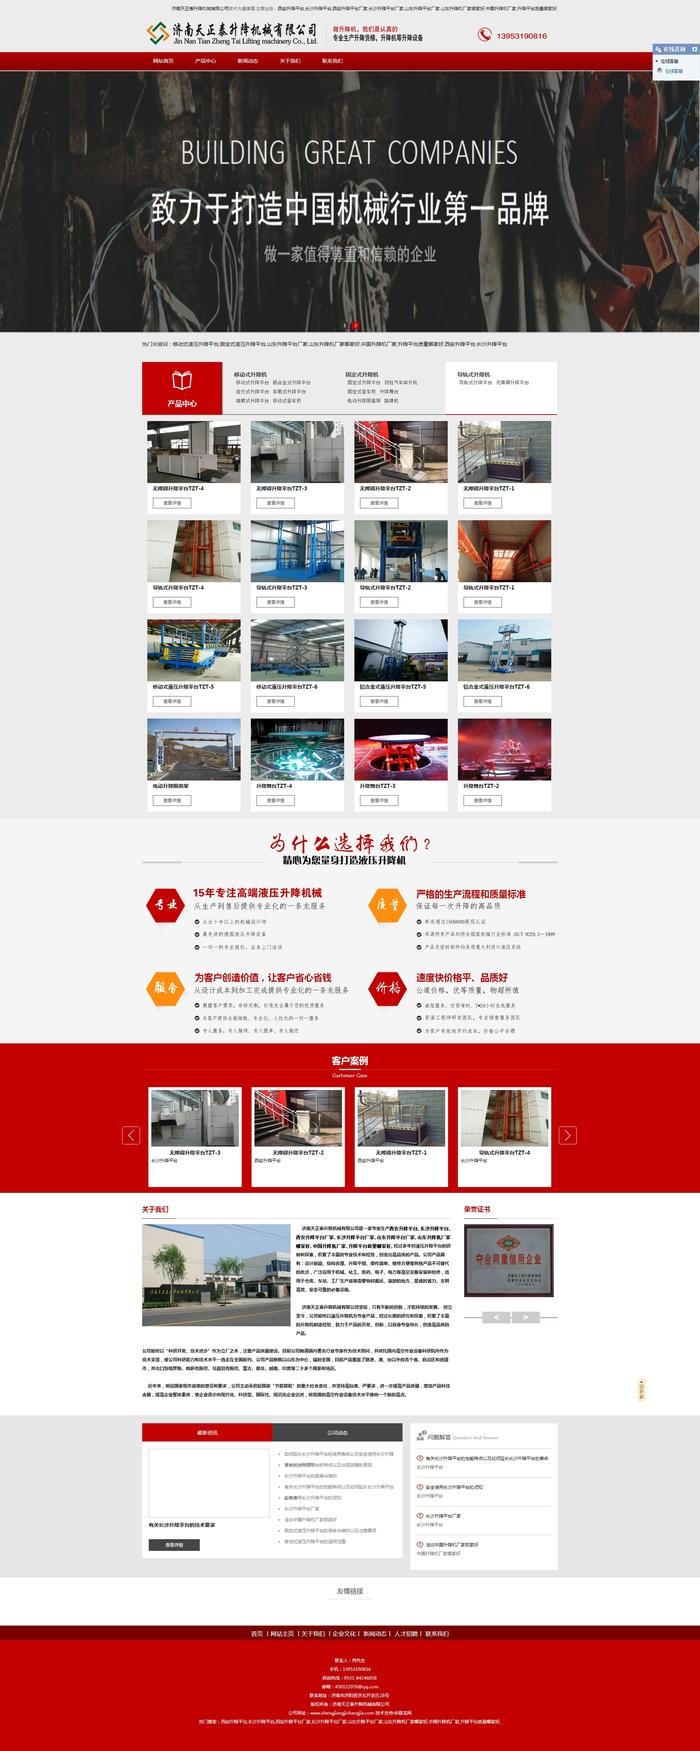 西安升降平台,长沙升降平台,移动式液压升降平台,固定式液压升降平台,山东升降平台厂家,山东升降机厂家fuhai360案例